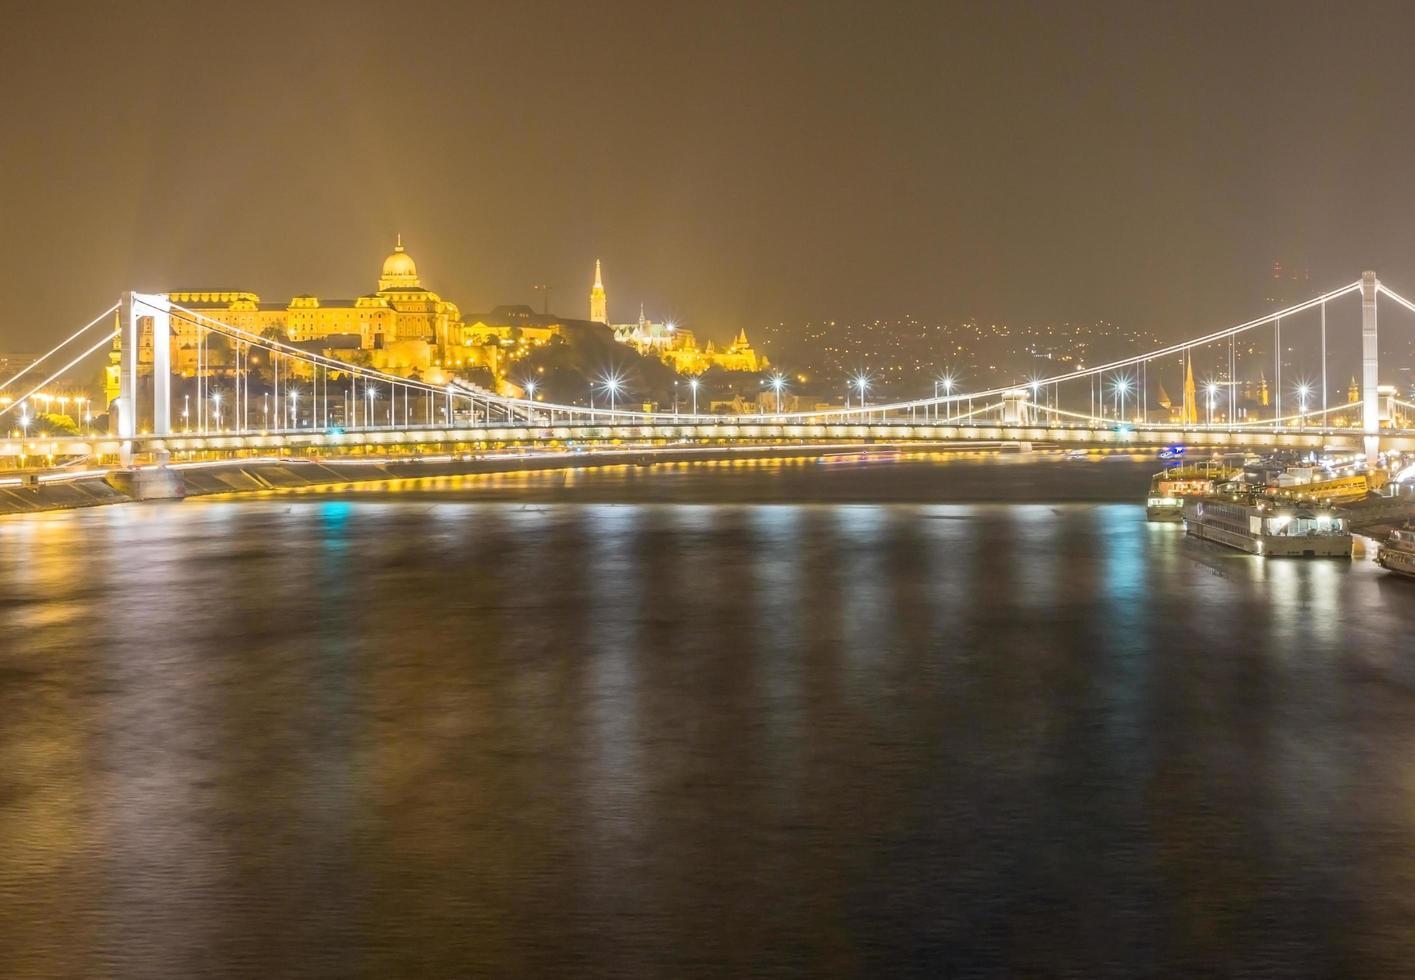 Vue de nuit sur le pont Elizabeth à Budapest, Hongrie photo